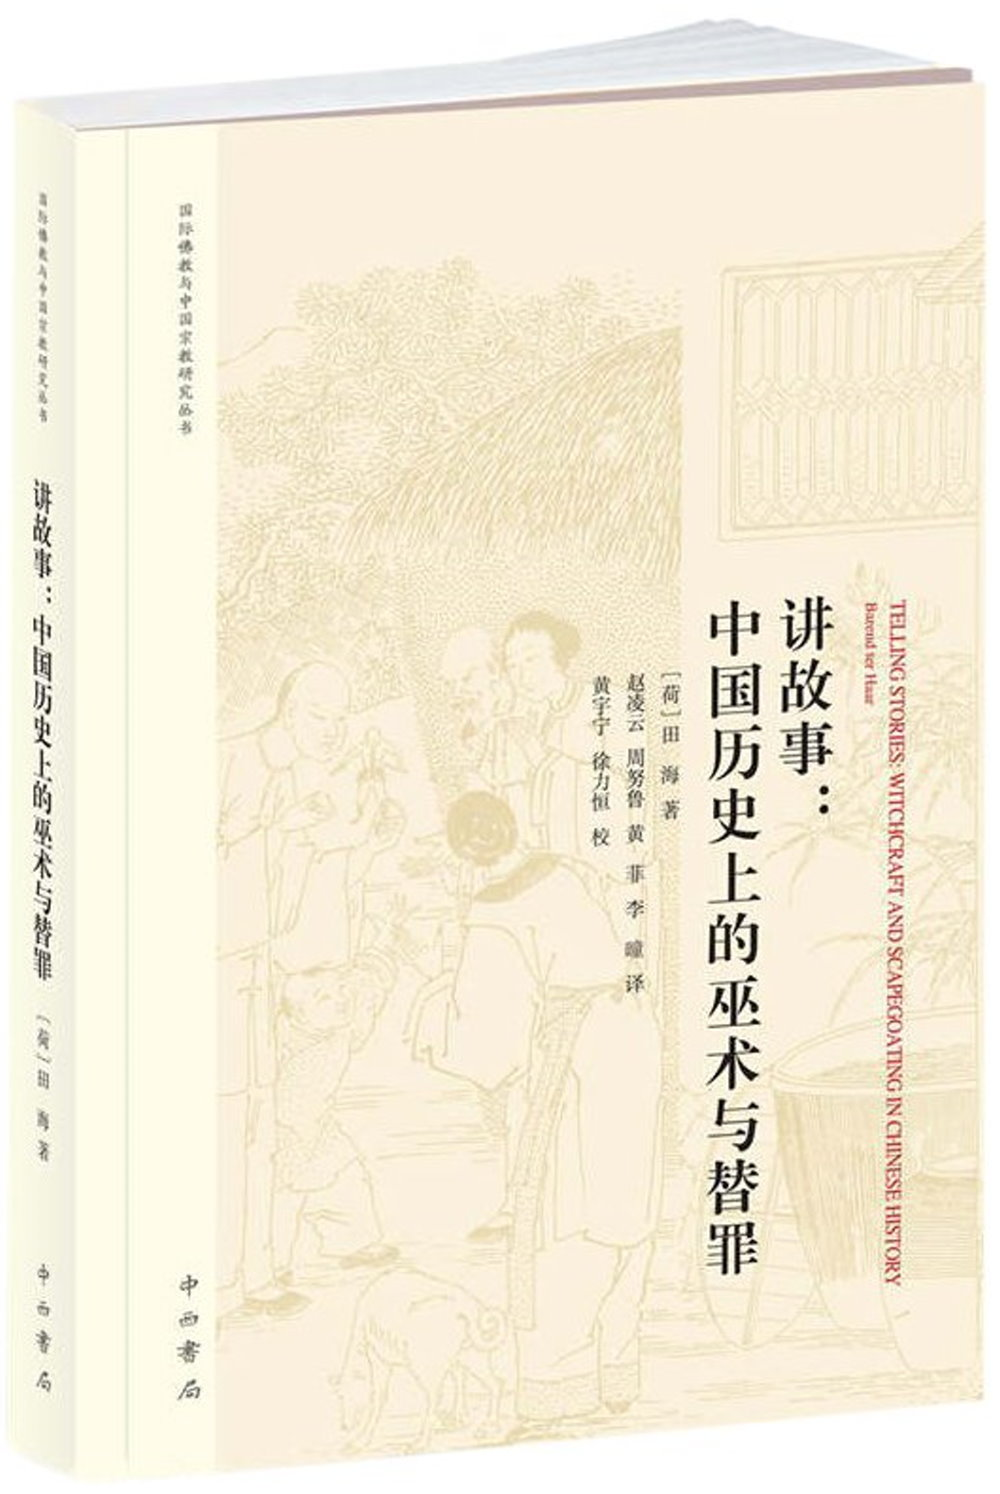 講故事:中國歷史上的巫術與替罪